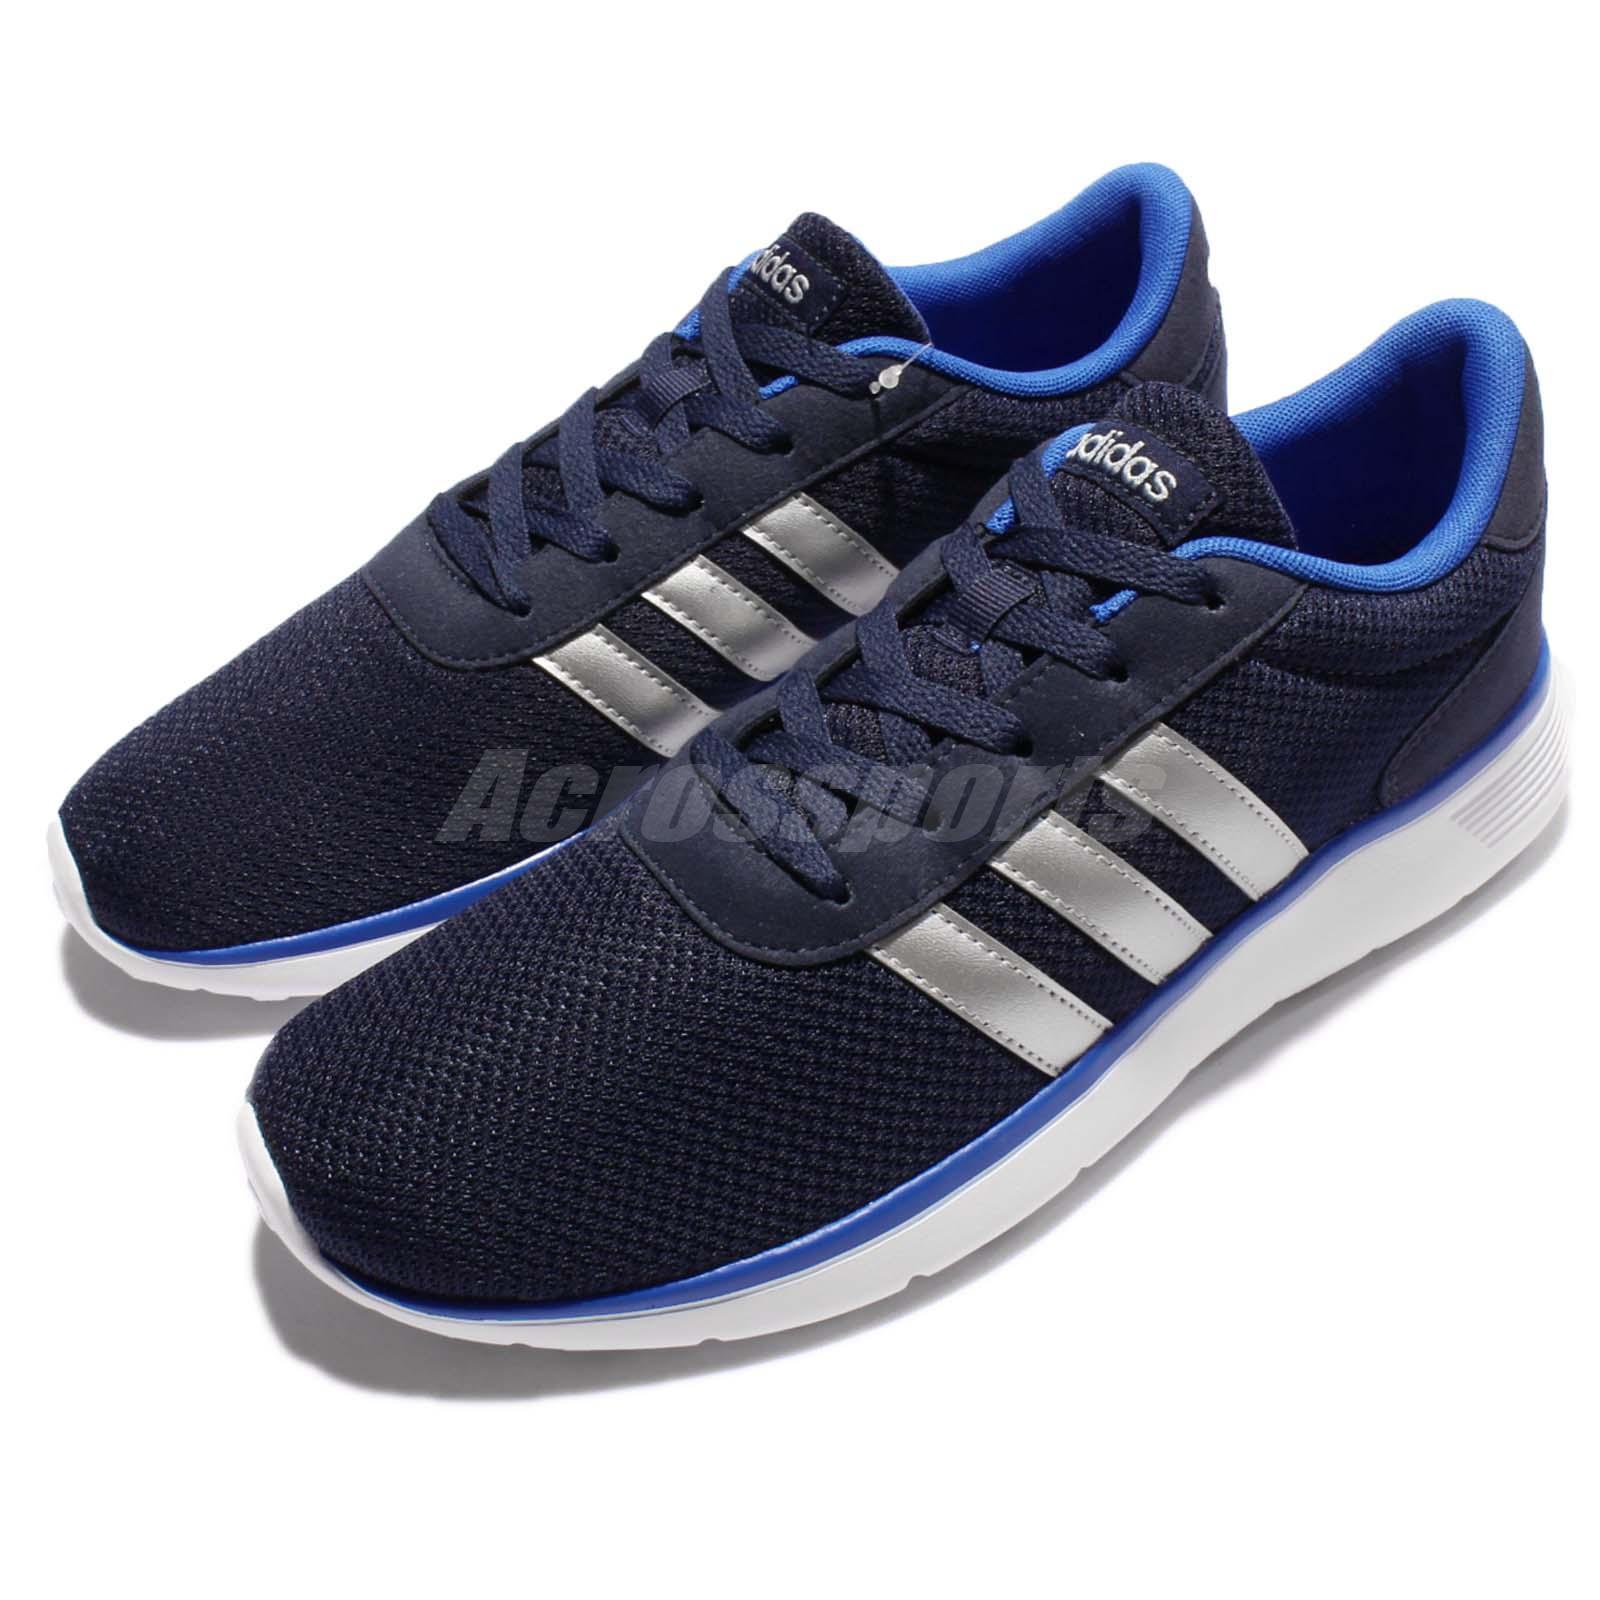 adidas neo label lite racer black silver blue men running. Black Bedroom Furniture Sets. Home Design Ideas